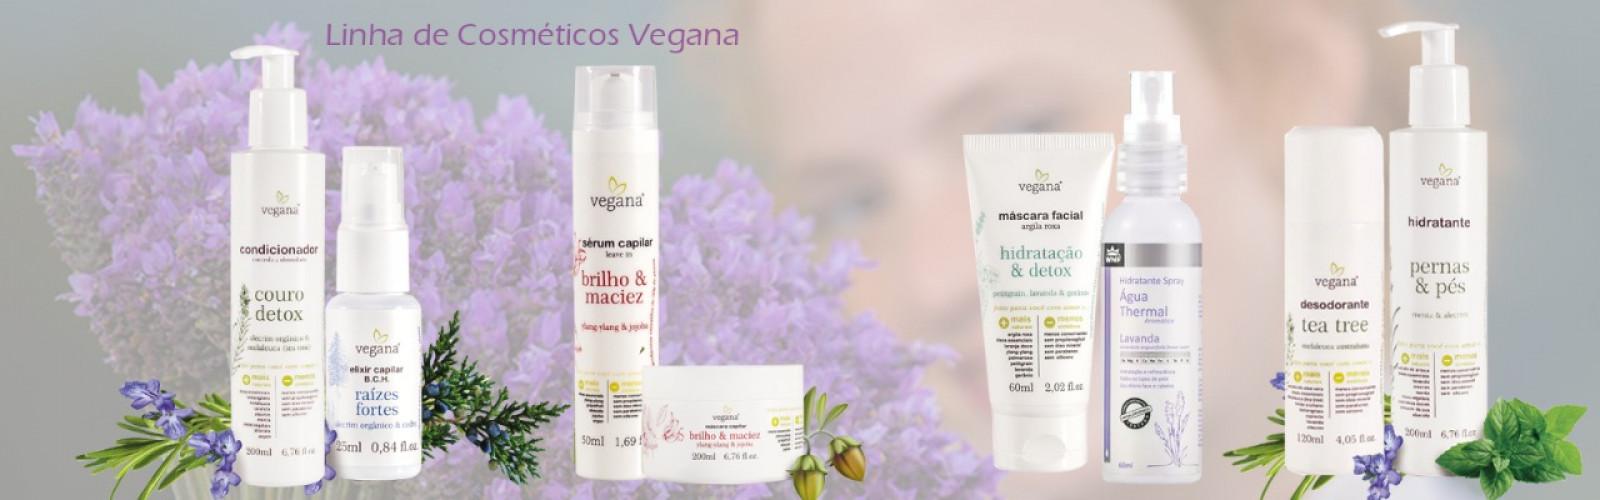 Linha de cosméticos vegana